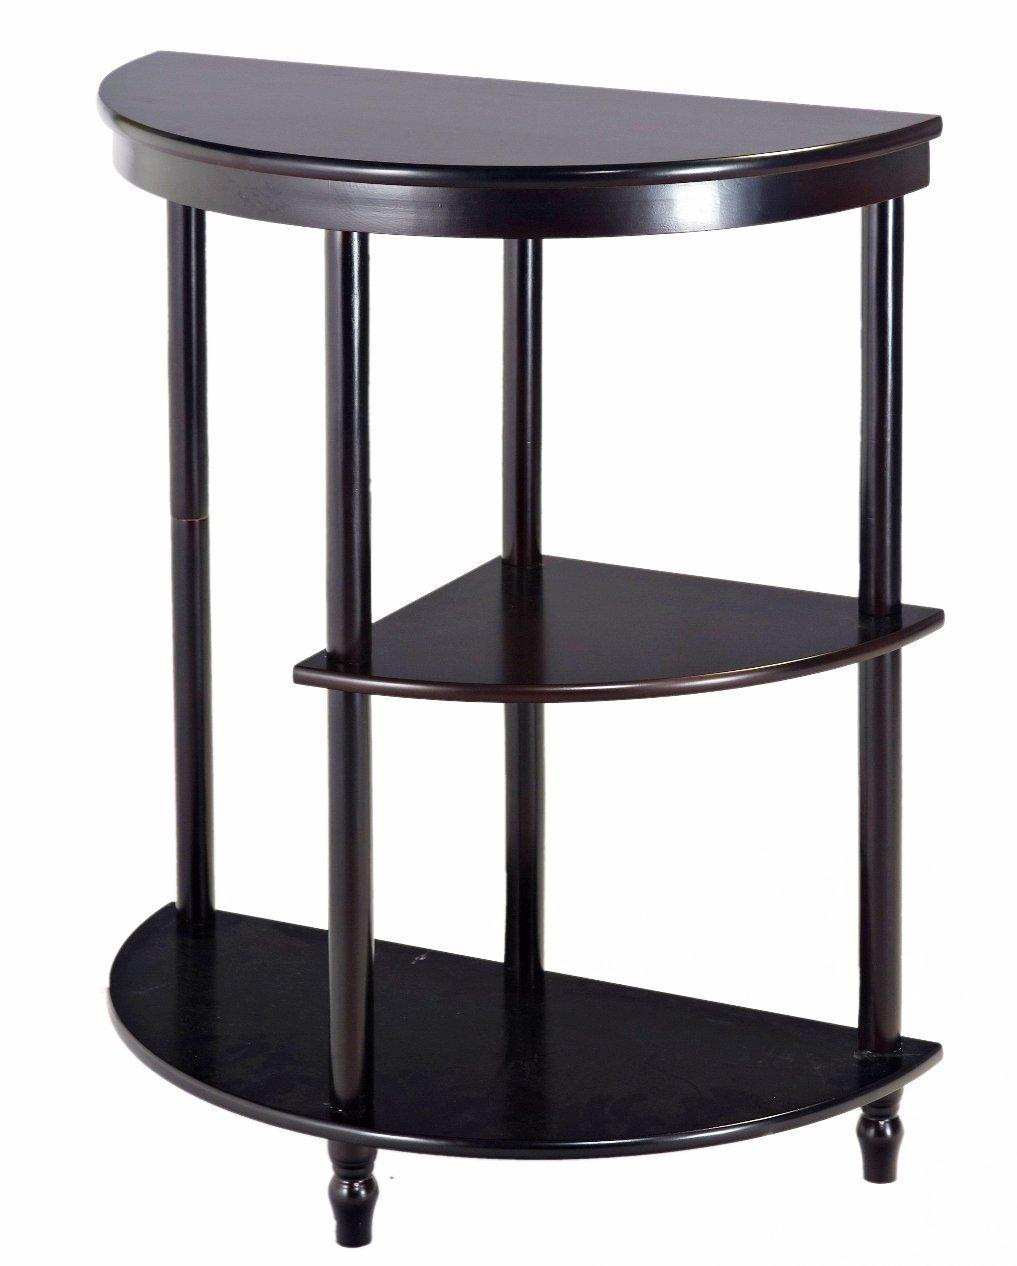 half circle end table home furniture design. Black Bedroom Furniture Sets. Home Design Ideas